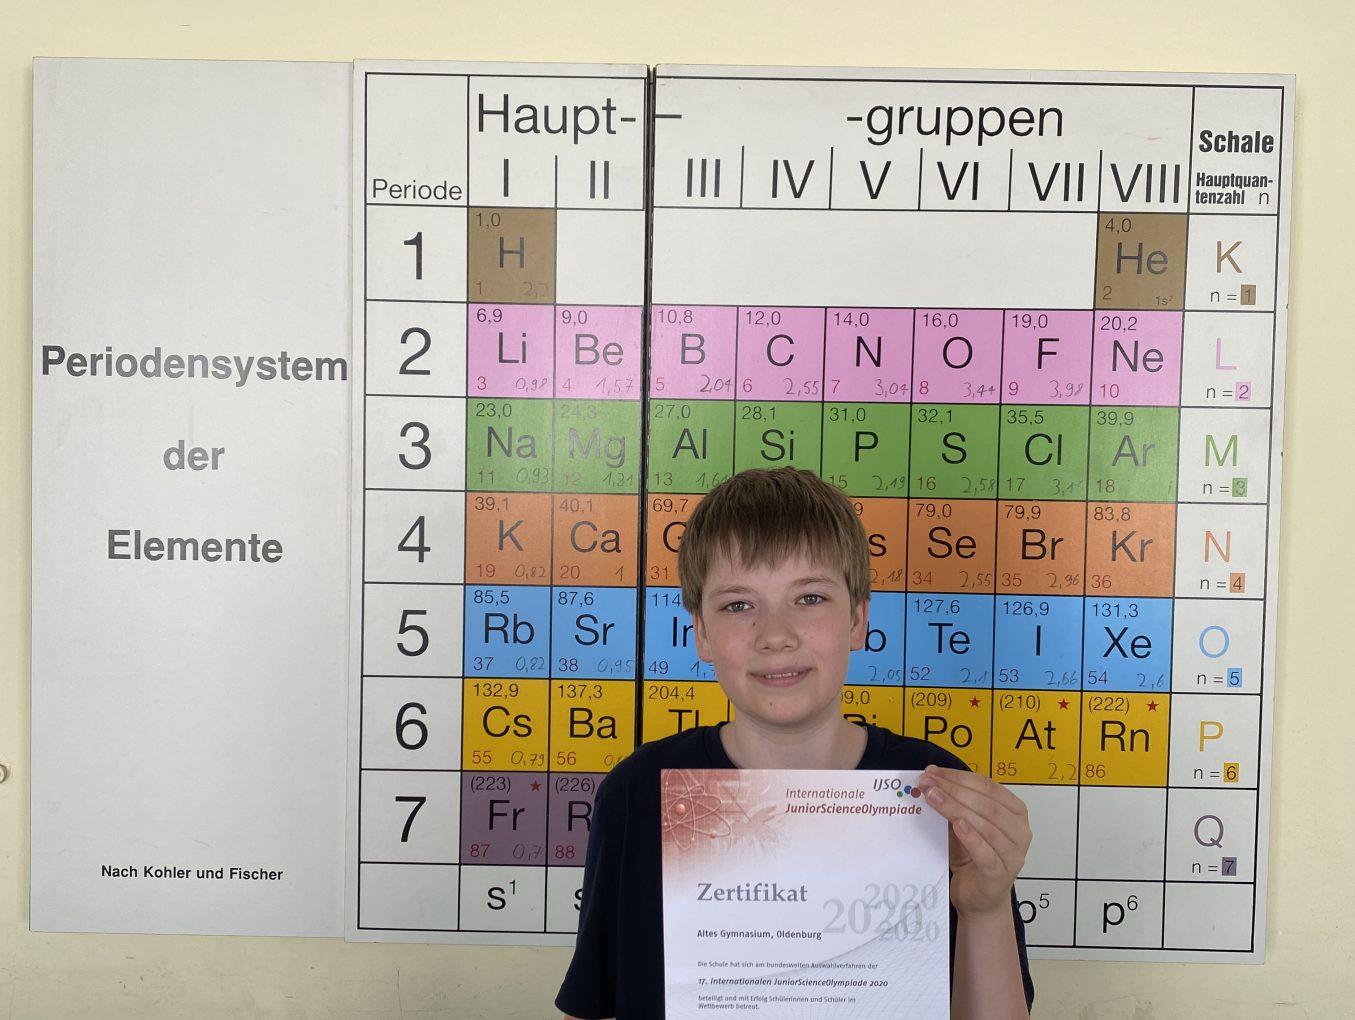 Julius Boshoven: einziger und jüngster Teilnehmer aus Niedersachsen für das Bundesfinale der Internationalen Junior Science Olympiade qualifiziert